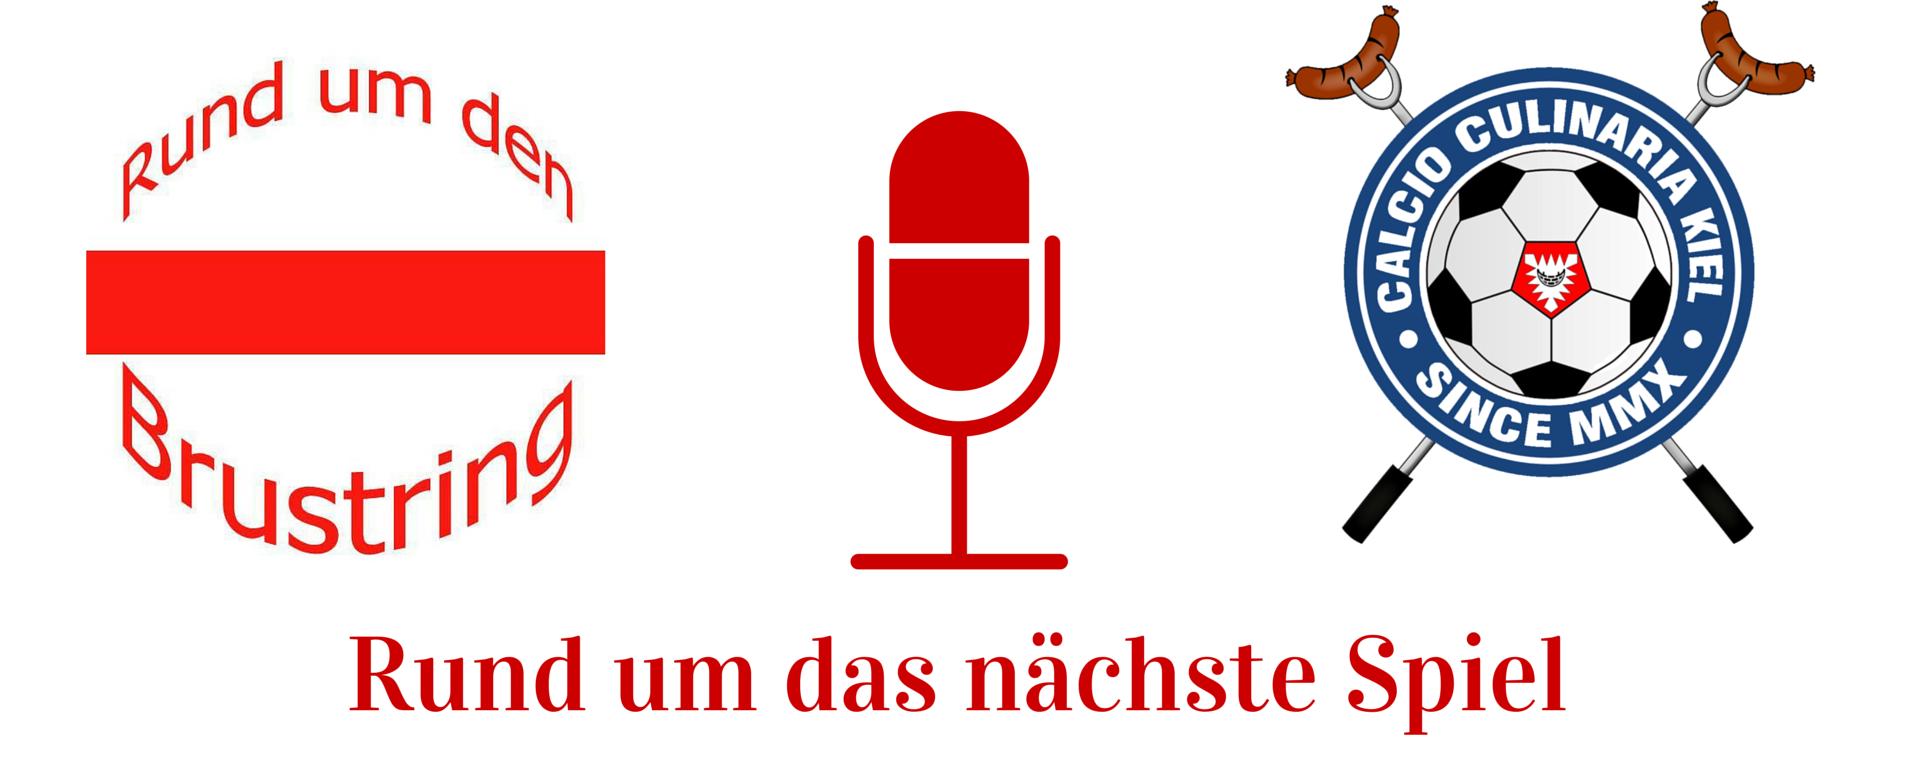 Rund um das nächste Spiel – Interview mit dem Holstein Kiel-Blog Calcio Culinaria Kiel